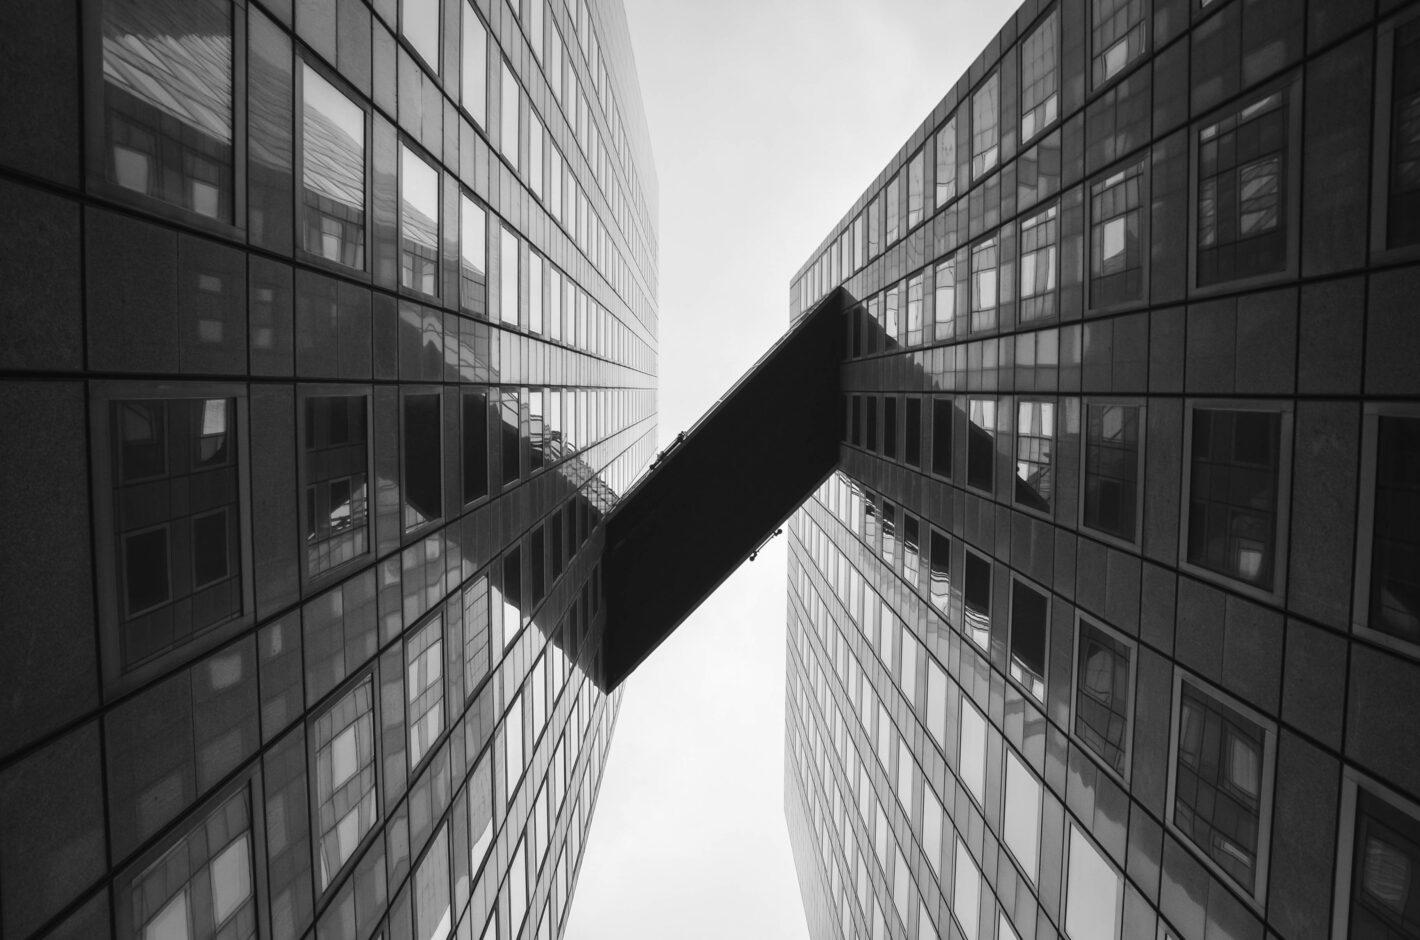 Nikon Architecture Rue Aliocha Boi